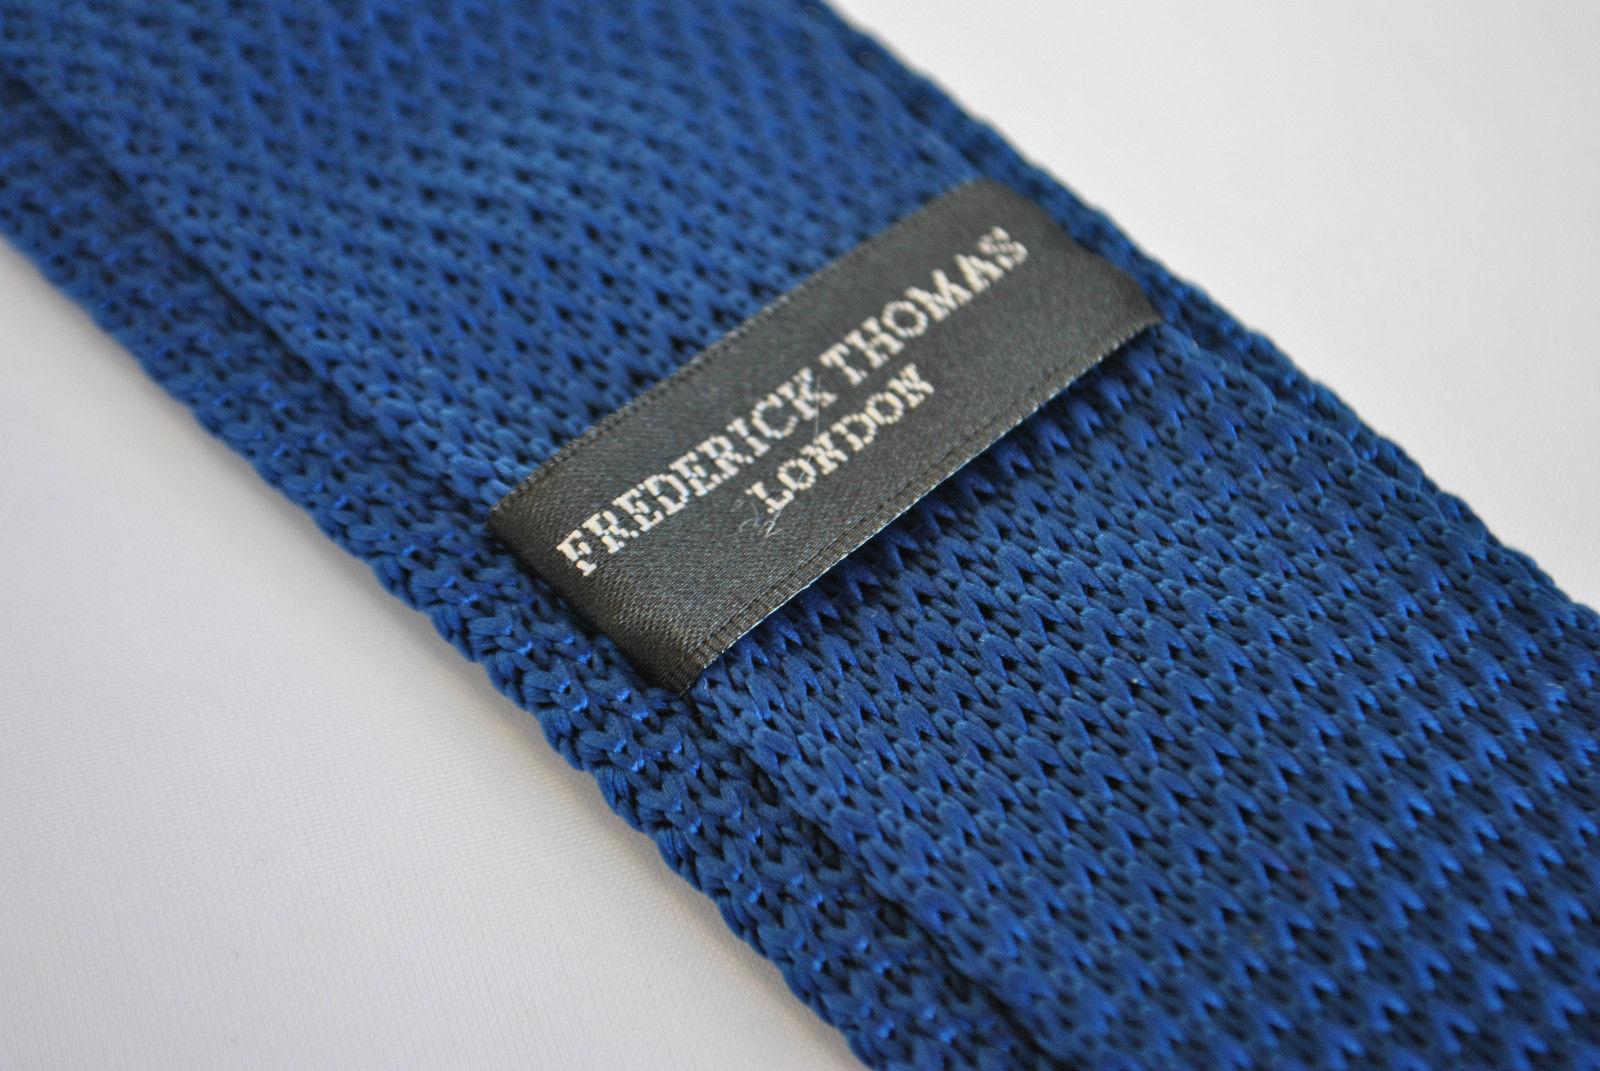 Skinny marineblau und braun Polka-Punkte gestrickt Krawatte von Frederick Thomas